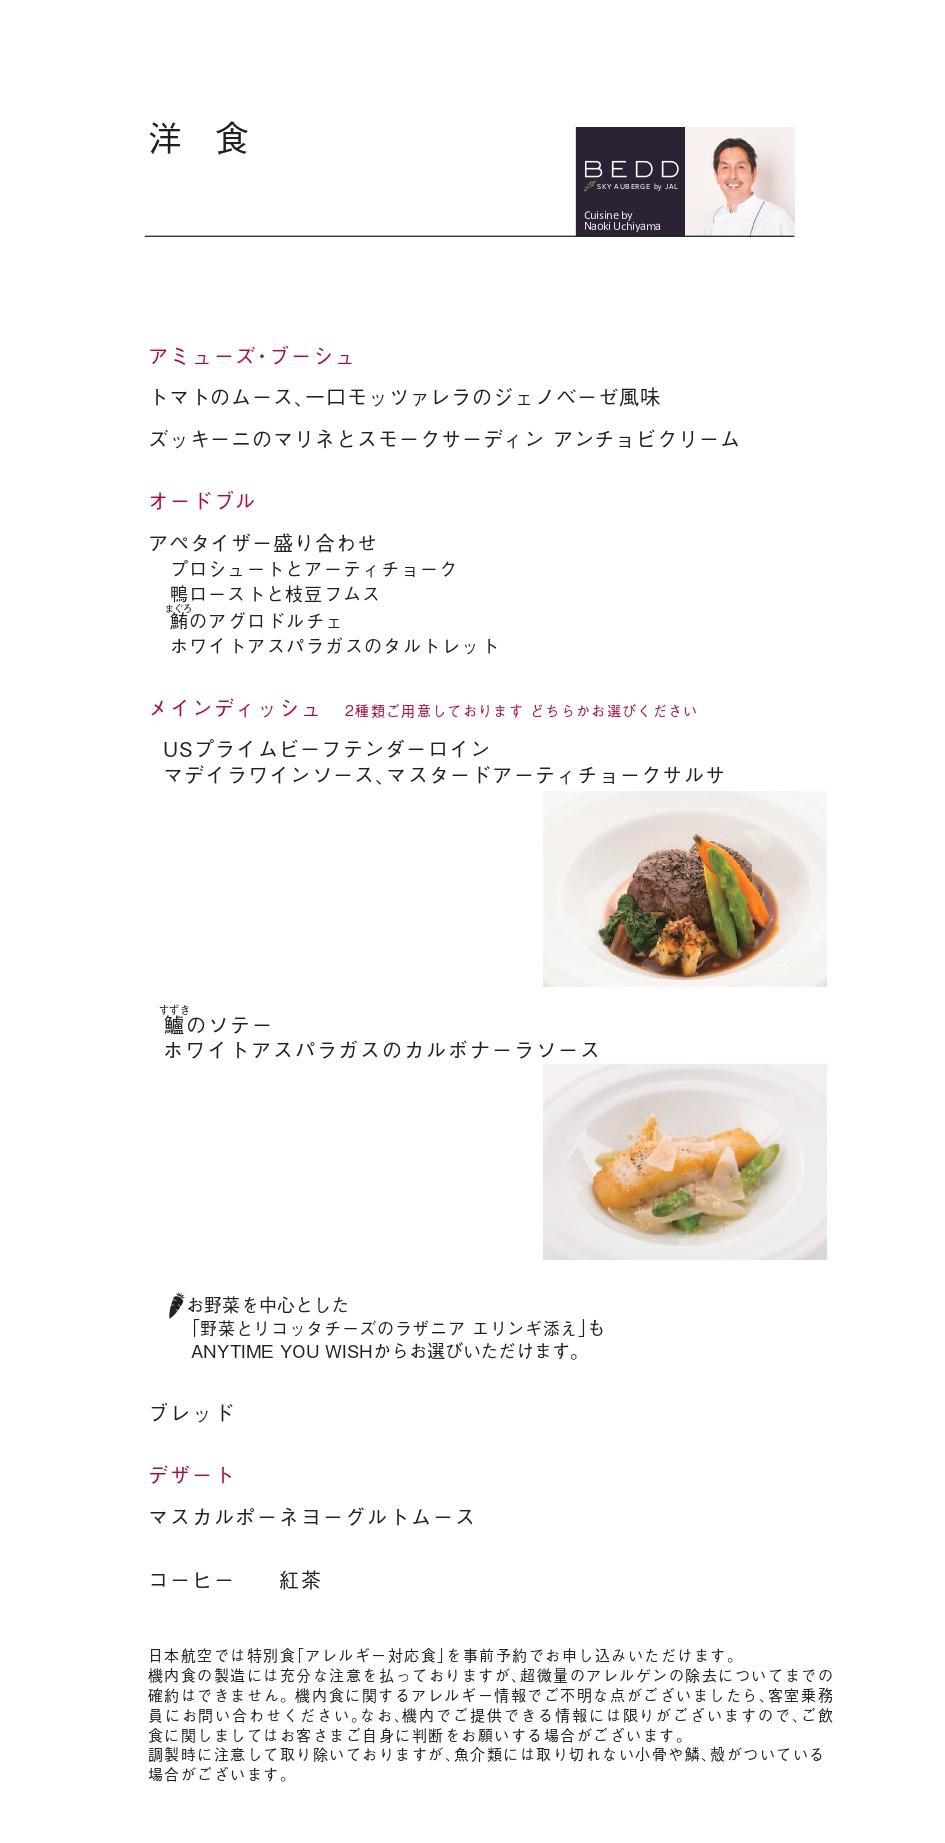 JL067 08MAY19 ビジネスクラス 機内食